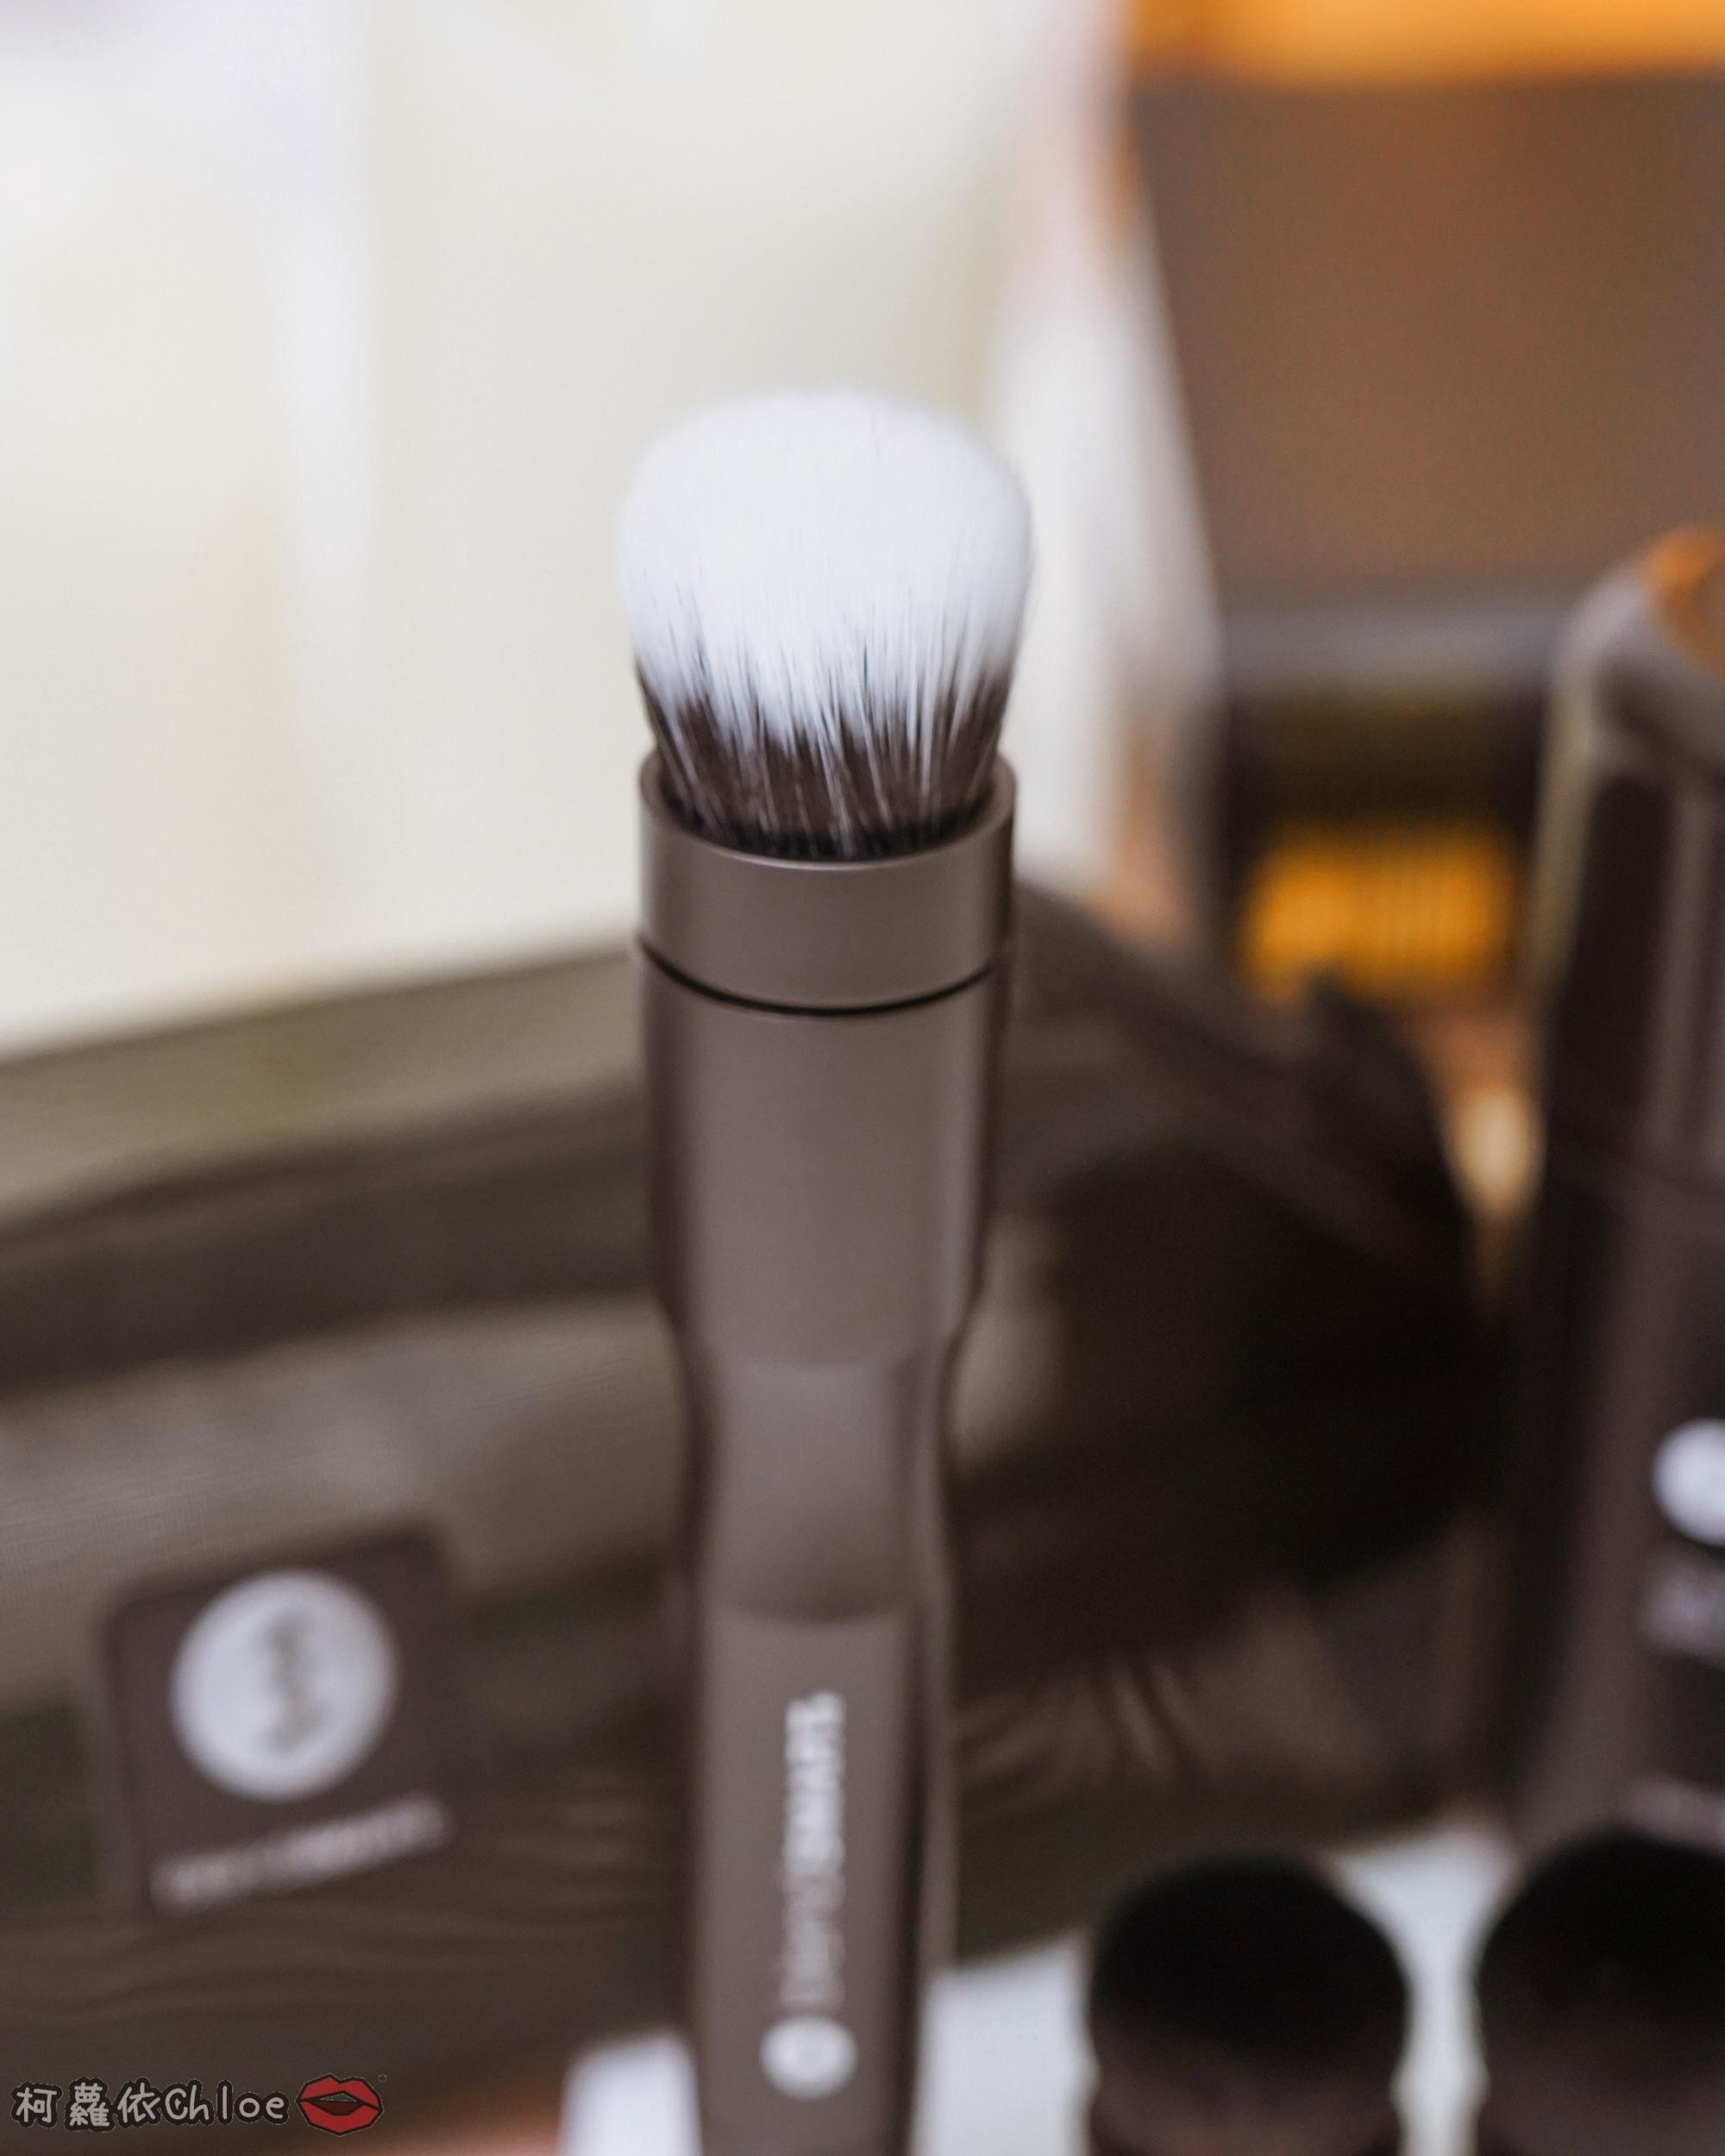 彩妝工具推薦 blendSMART電動化妝刷 達人套裝開箱 上妝輕柔更有效率23.jpg